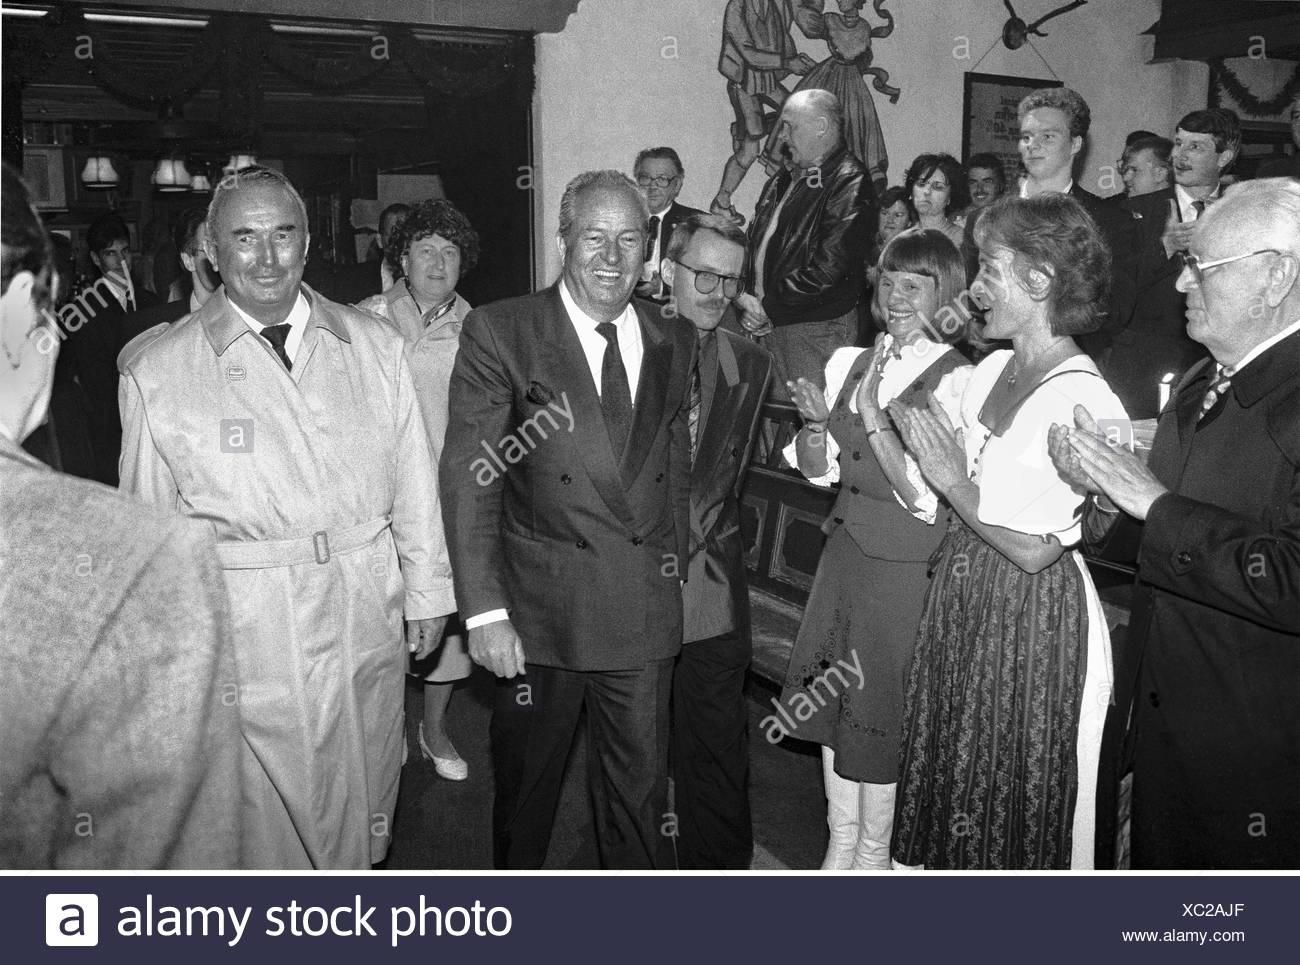 Le Pen, Jean-Marie, * 20.06.1928, französischer Politiker (Front National), halbe Länge, mit Johanna Grund, Franz Schoenhuber, während der einwöchigen Seminar der Europa Anteil beider Parteien, Abschlussveranstaltung, Bad Reichenhall, 5.10.1989, Additional-Rights-Spiel-NA Stockbild